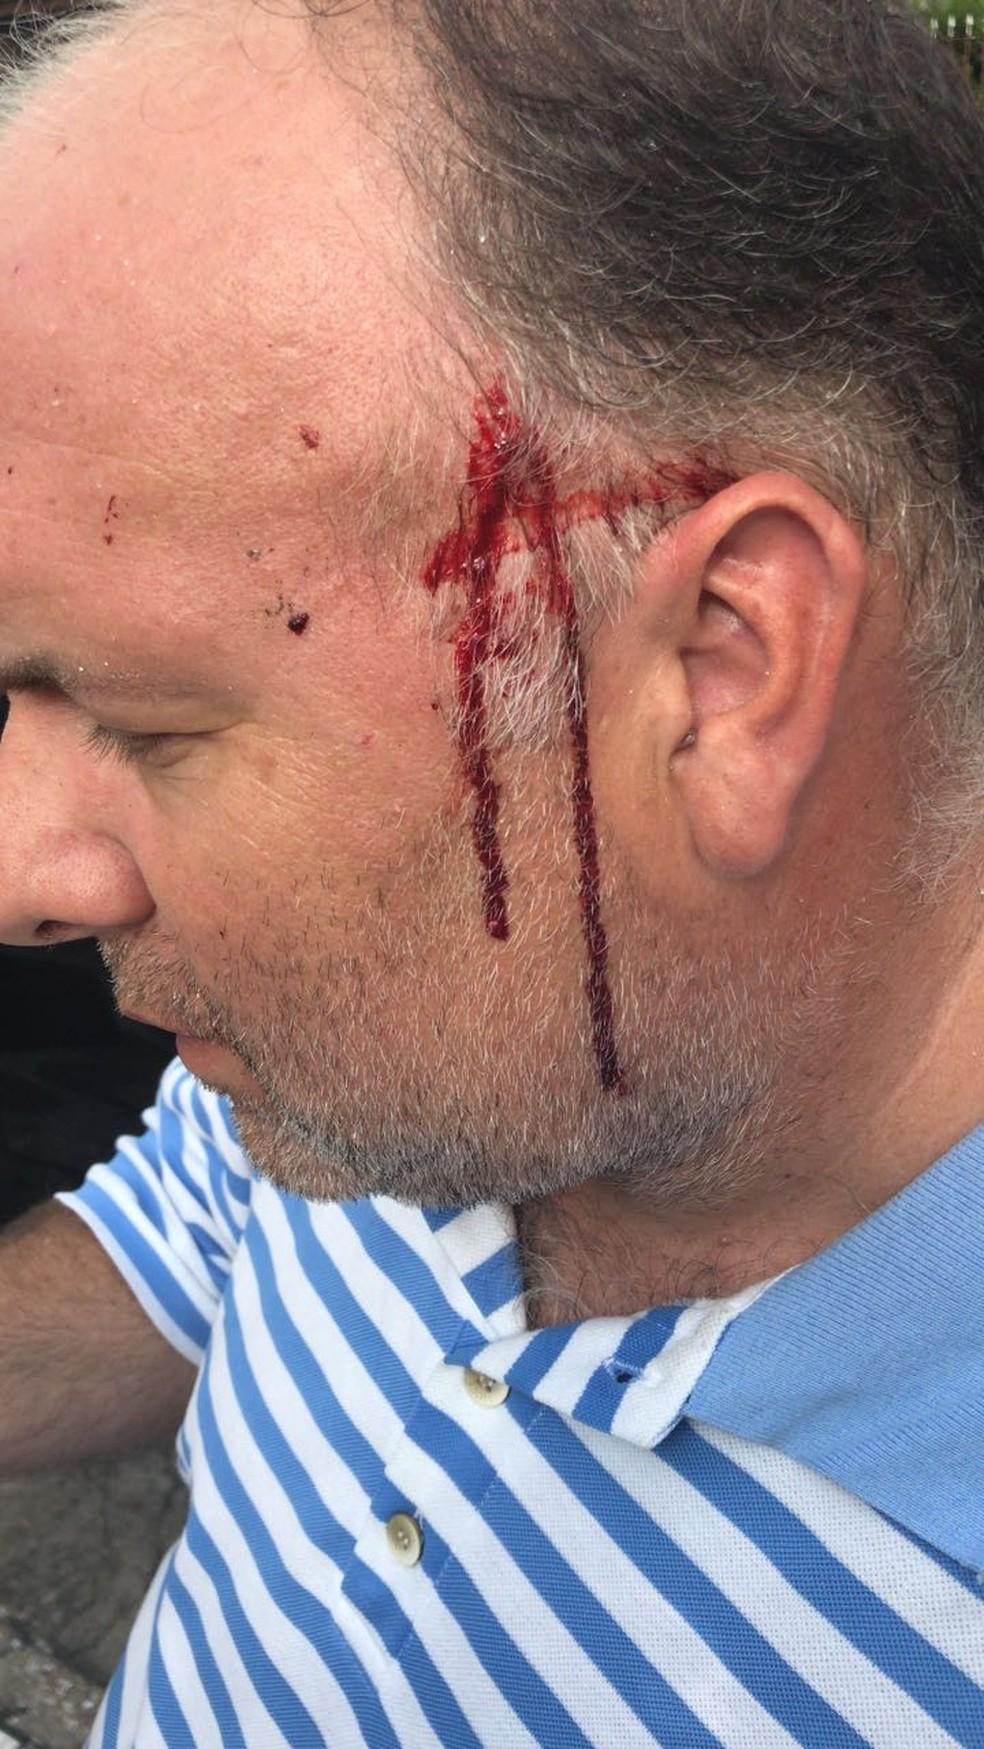 Motorista ficou ferido após levar pedrada na cabeça (Foto: Fabio Bandeira/Arquivo Pessoal)